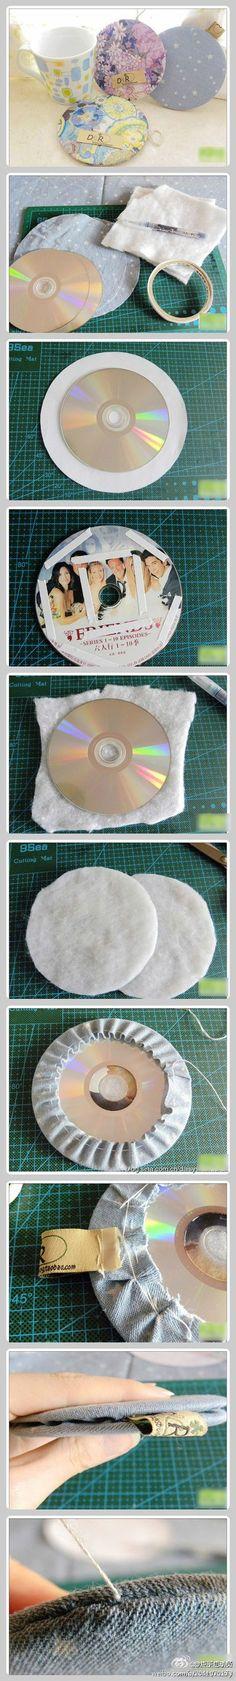 Posavasos con cds usados